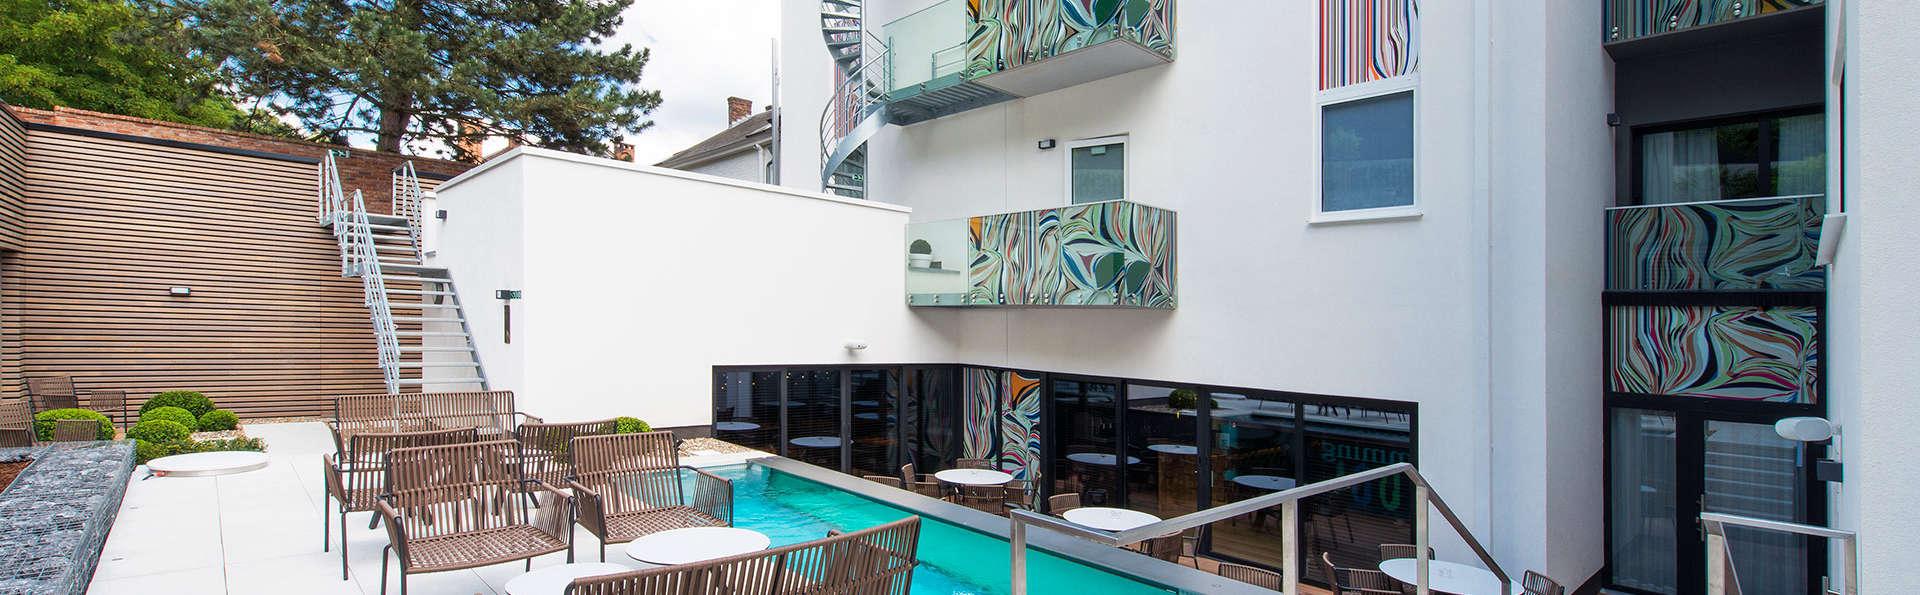 Week-end dans un hôtel design à proximité de la Citadelle de Namur